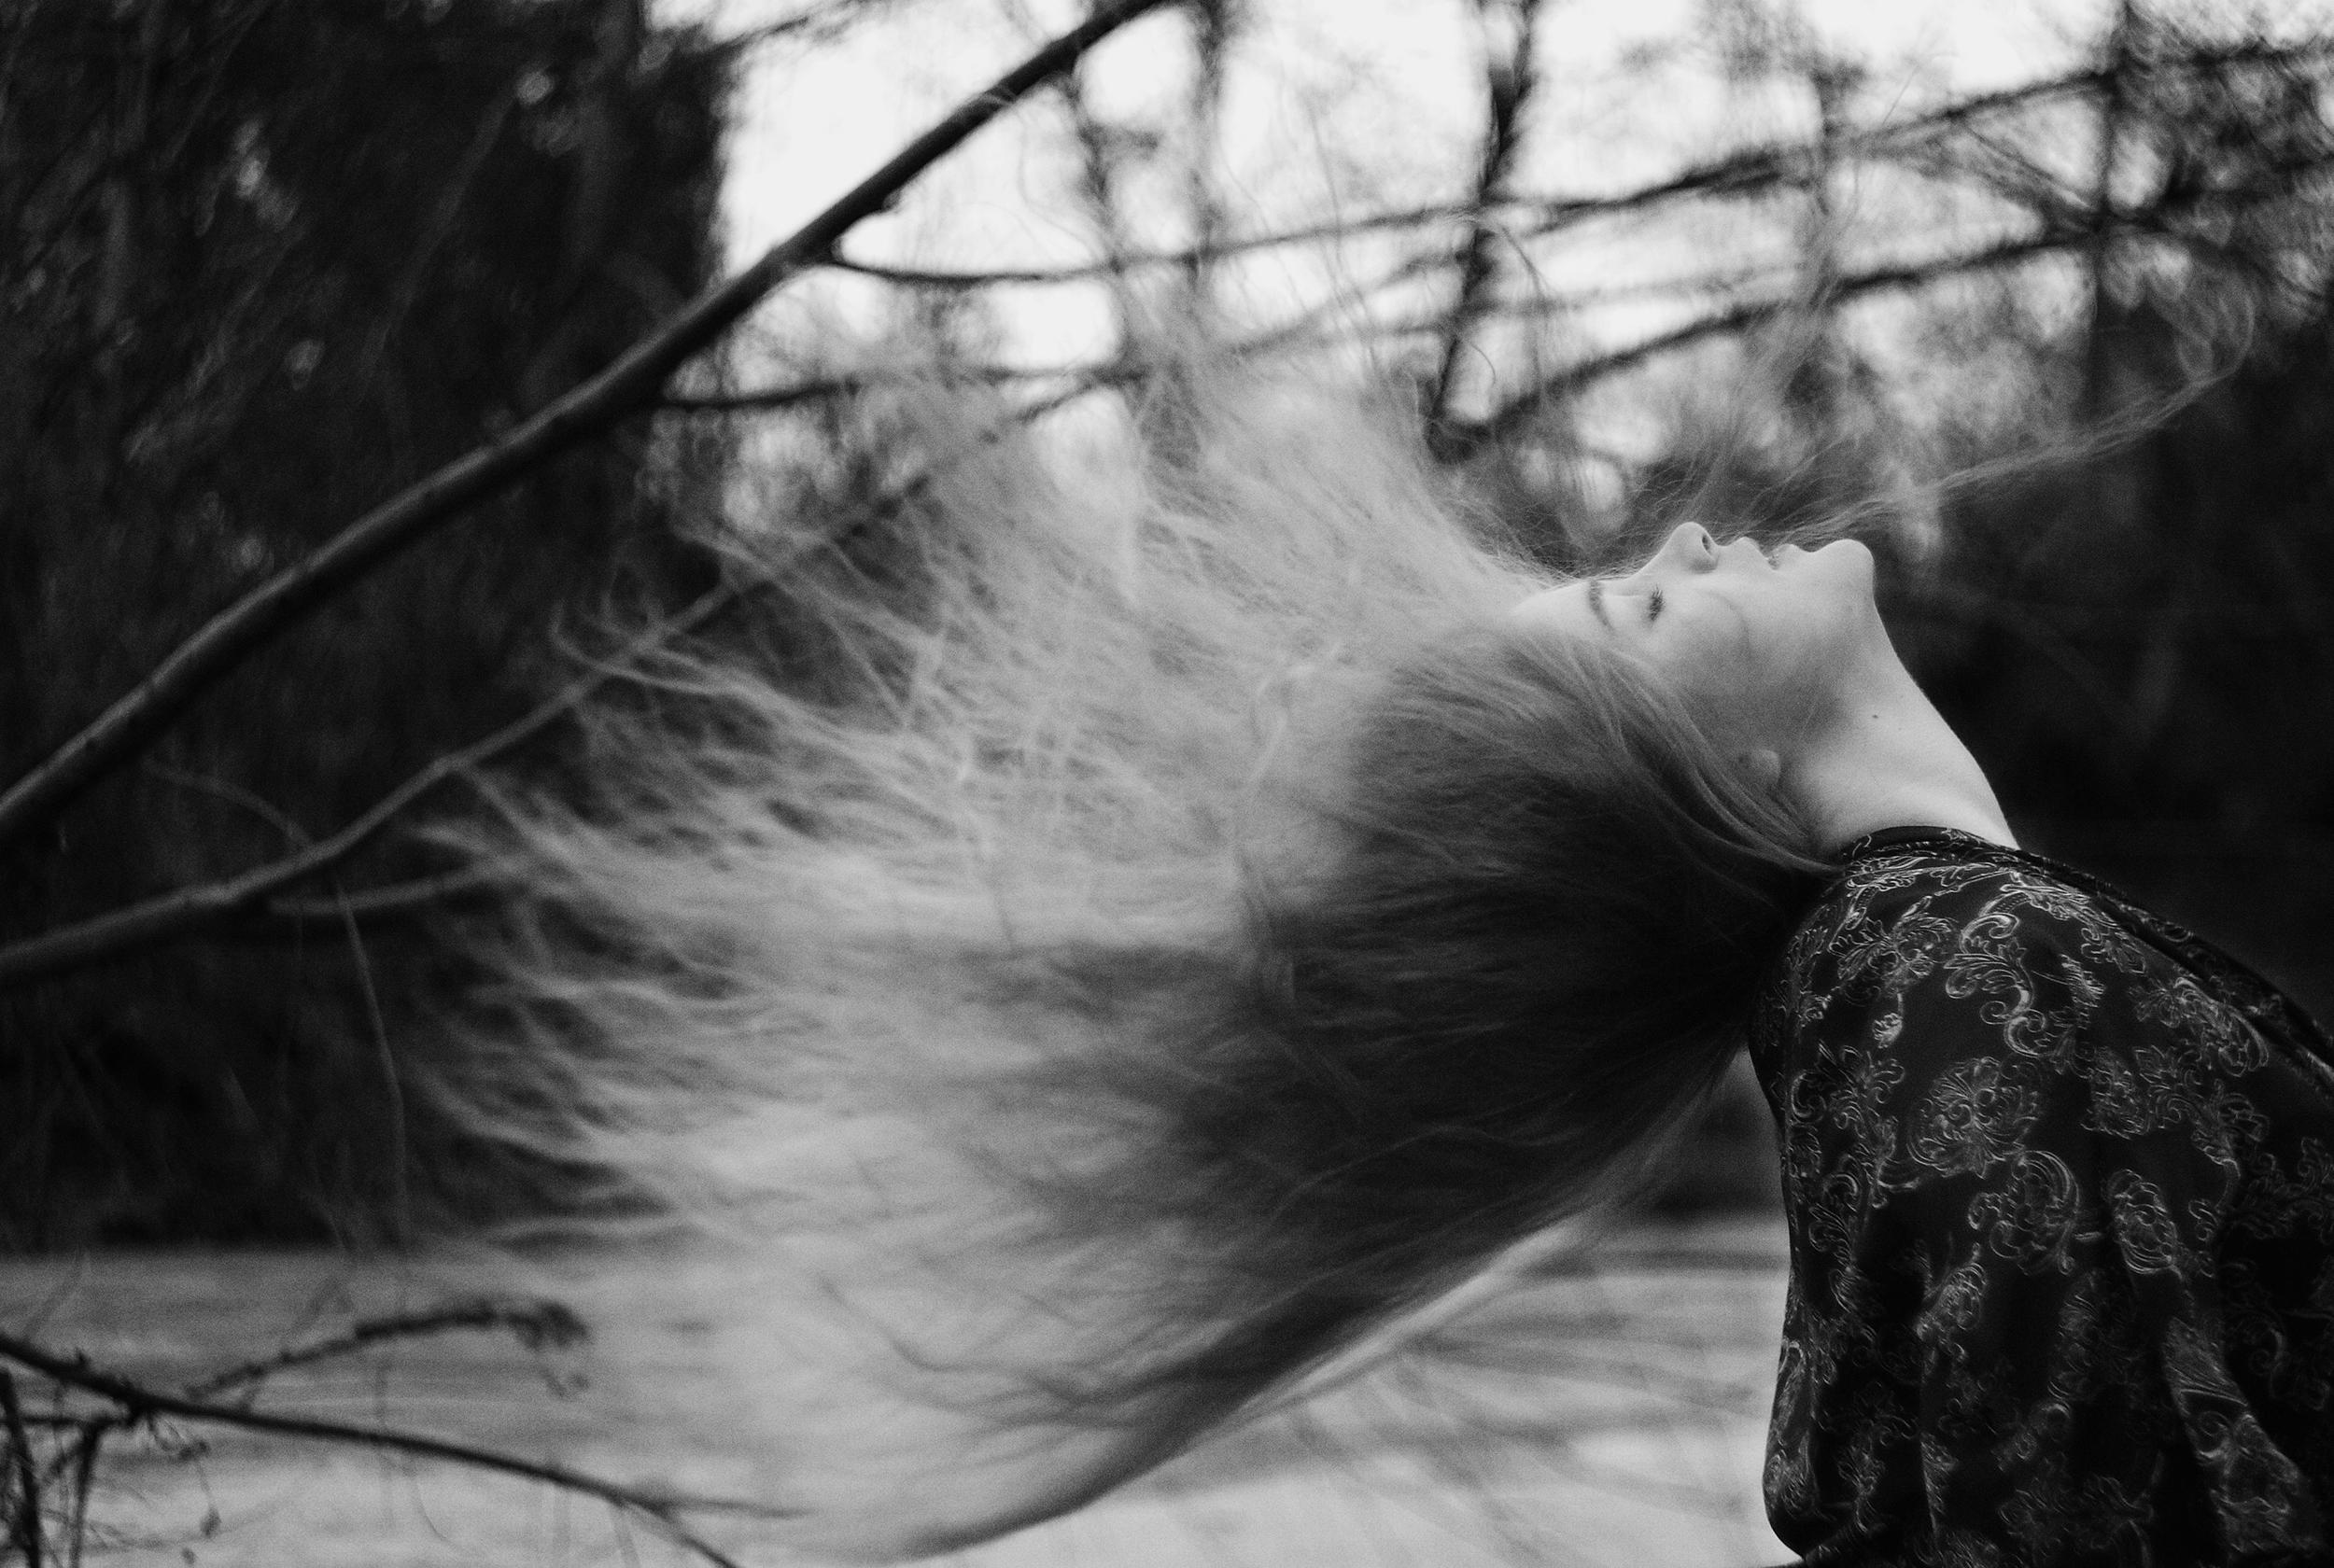 portrait fashion photography